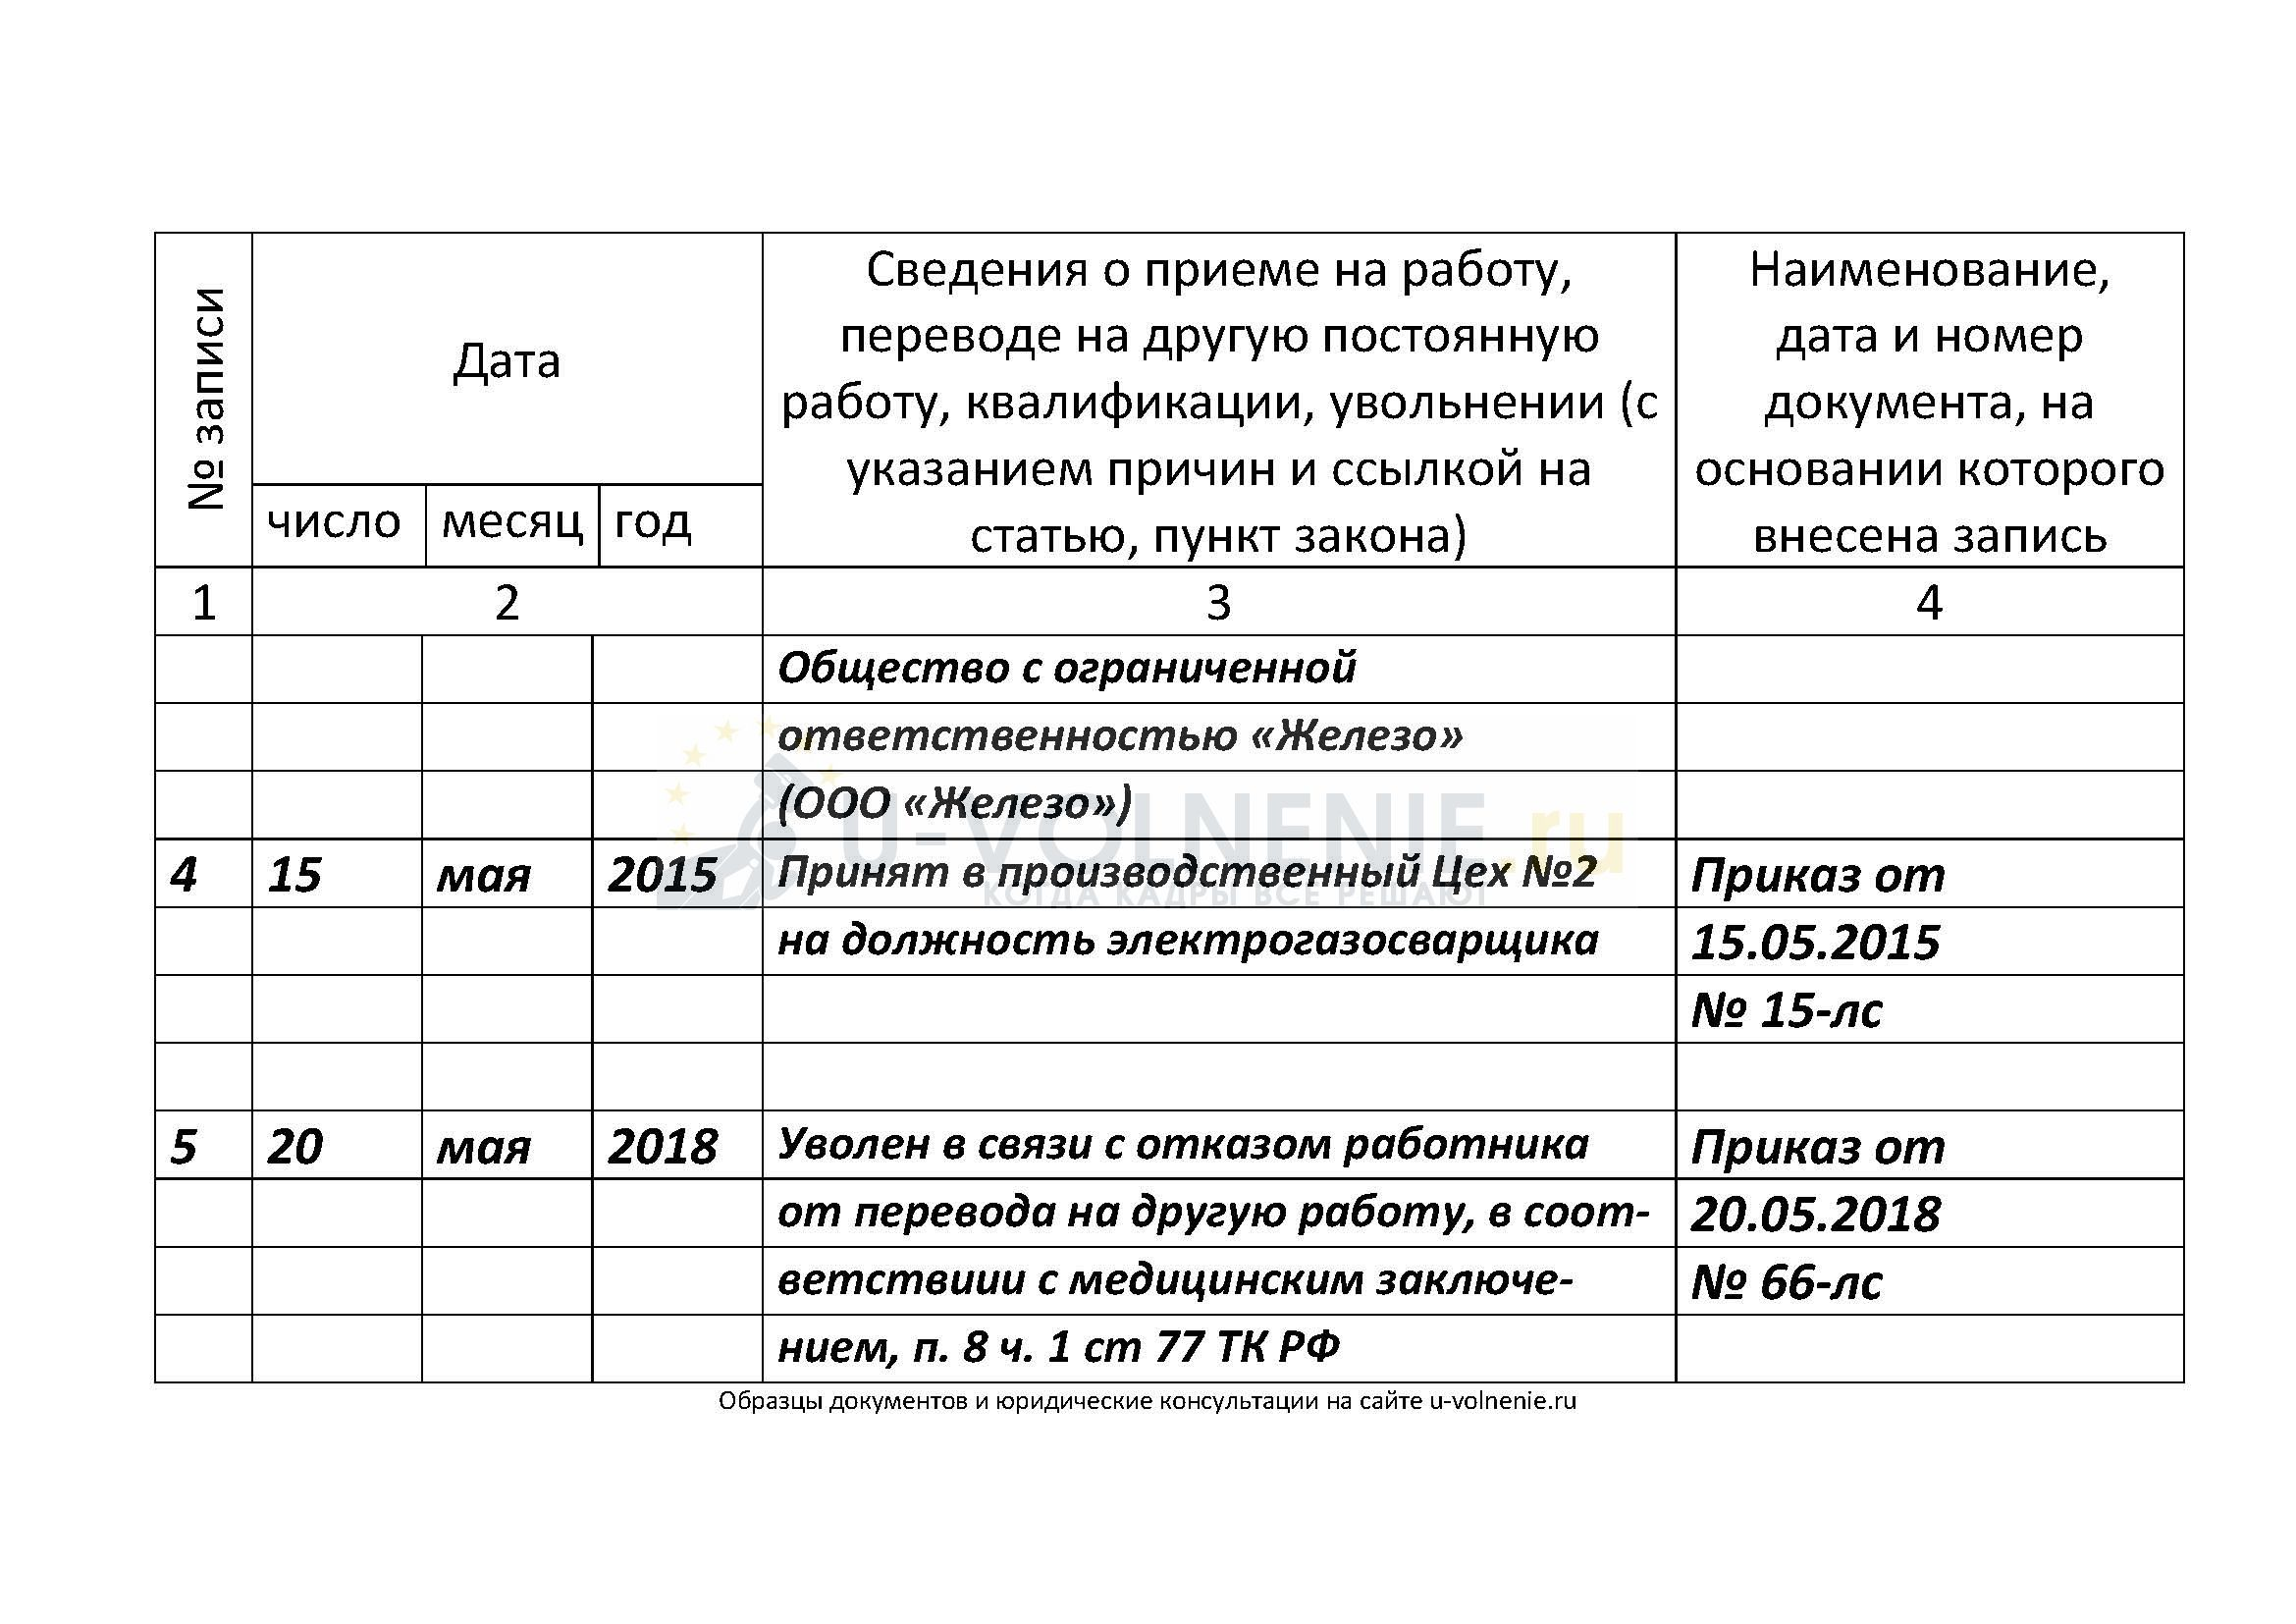 Образец записи в трудовой об увольнении инвалида в связи с отказом от перевода